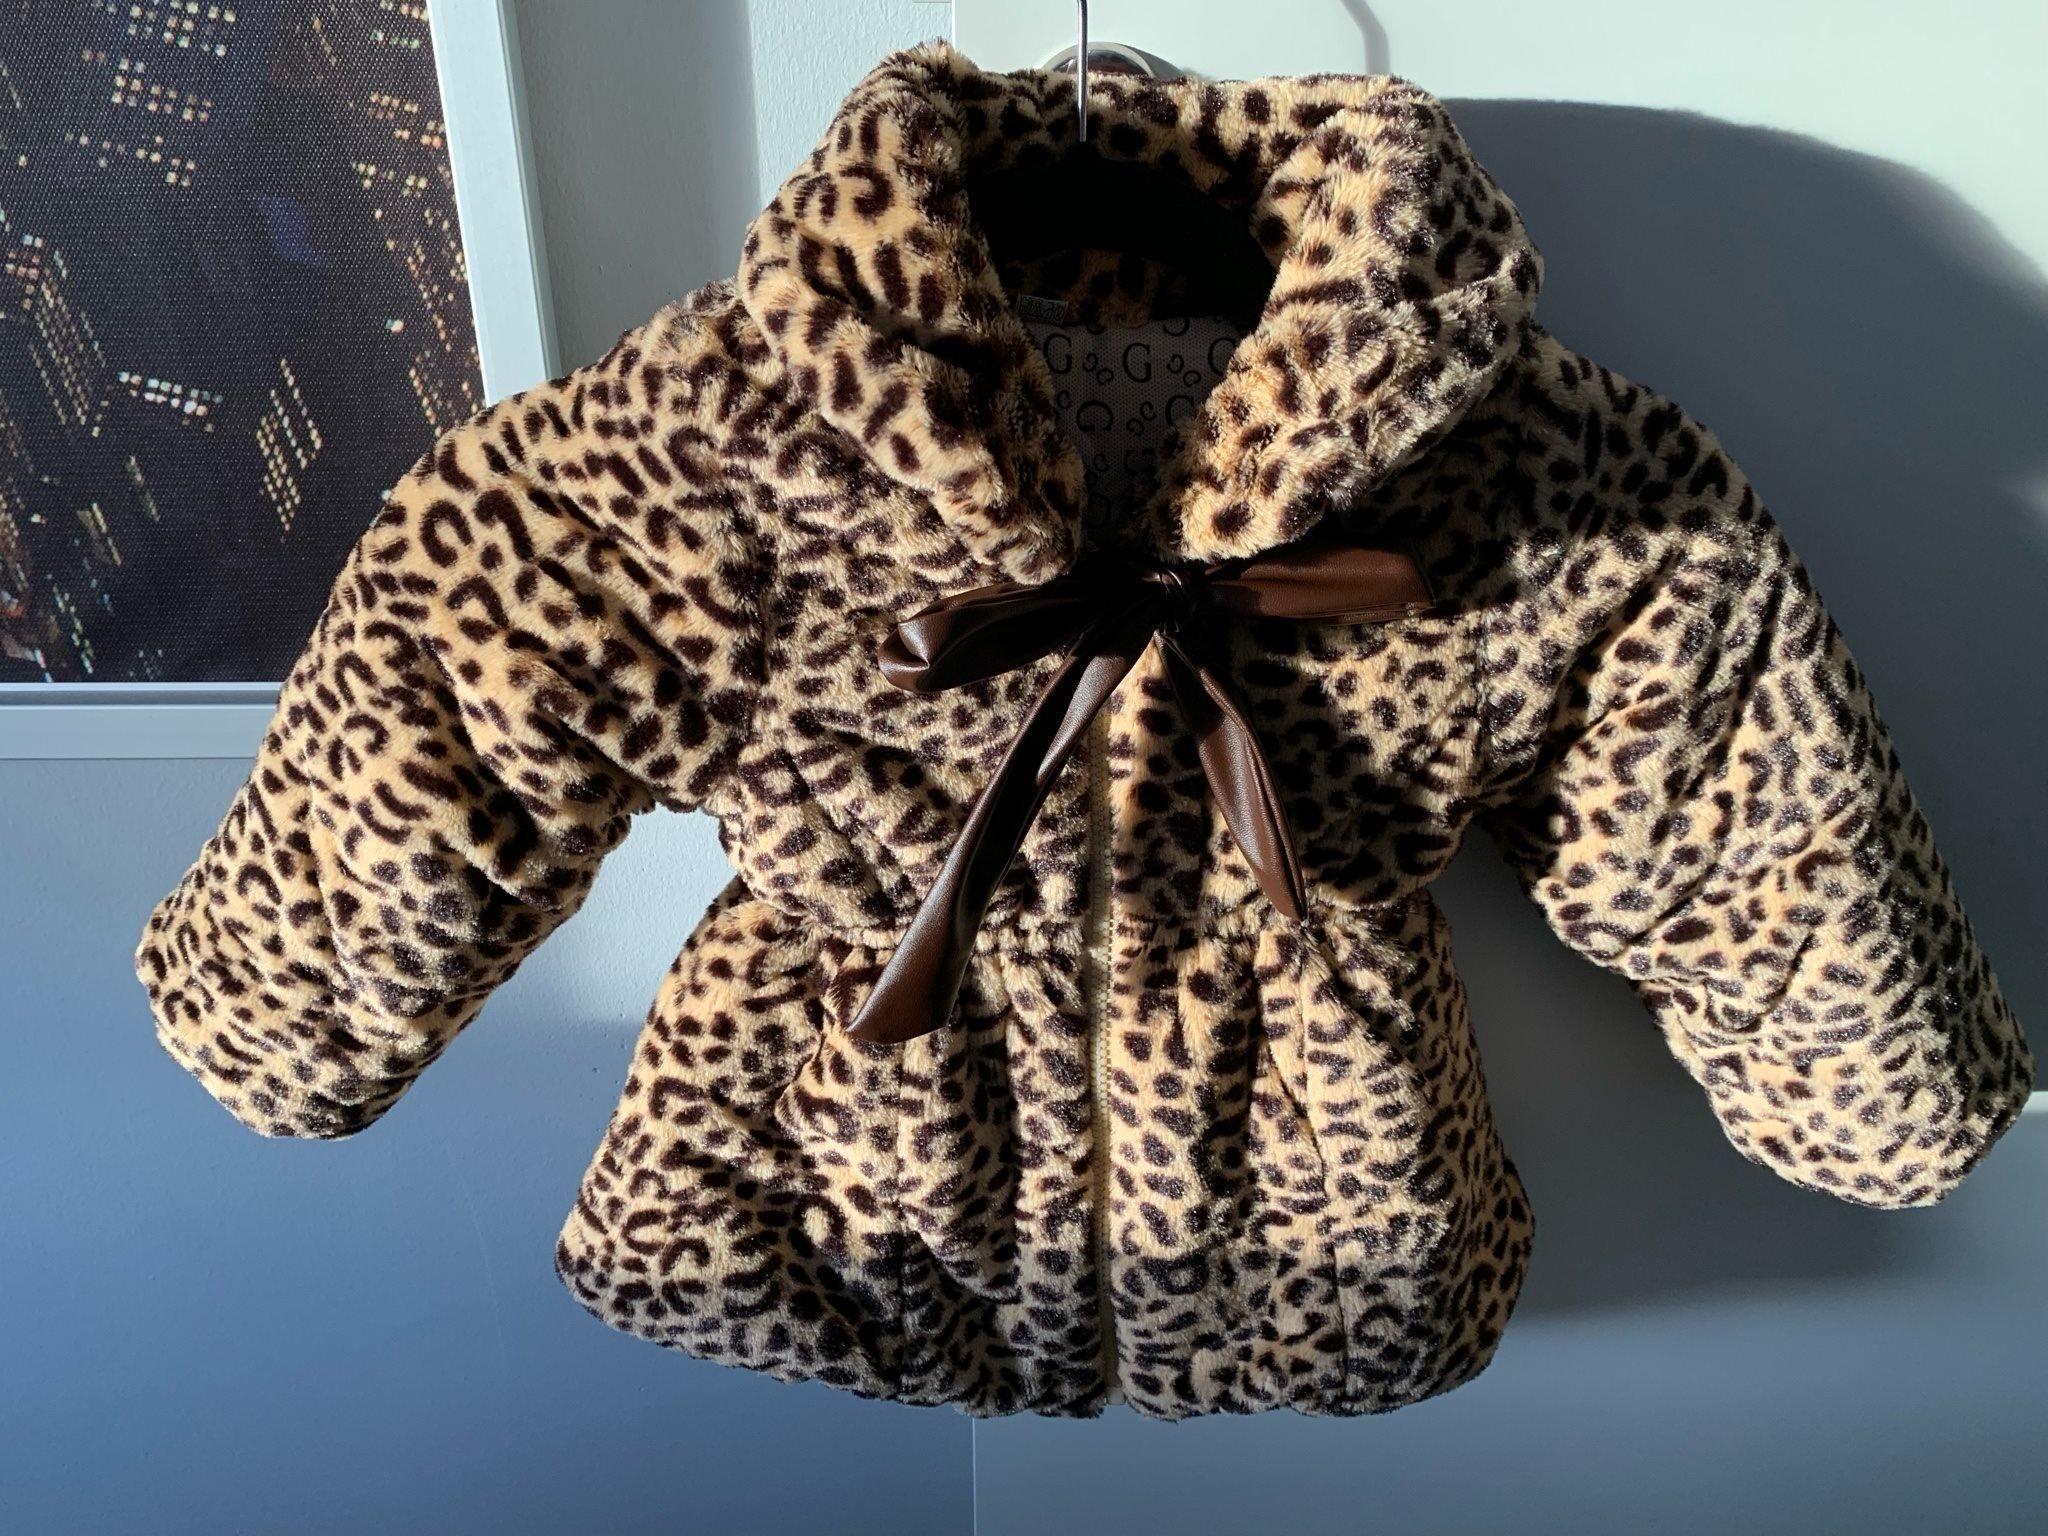 1e9edcd6 Leopard barn jacka 2 år (346699948) ᐈ Köp på Tradera